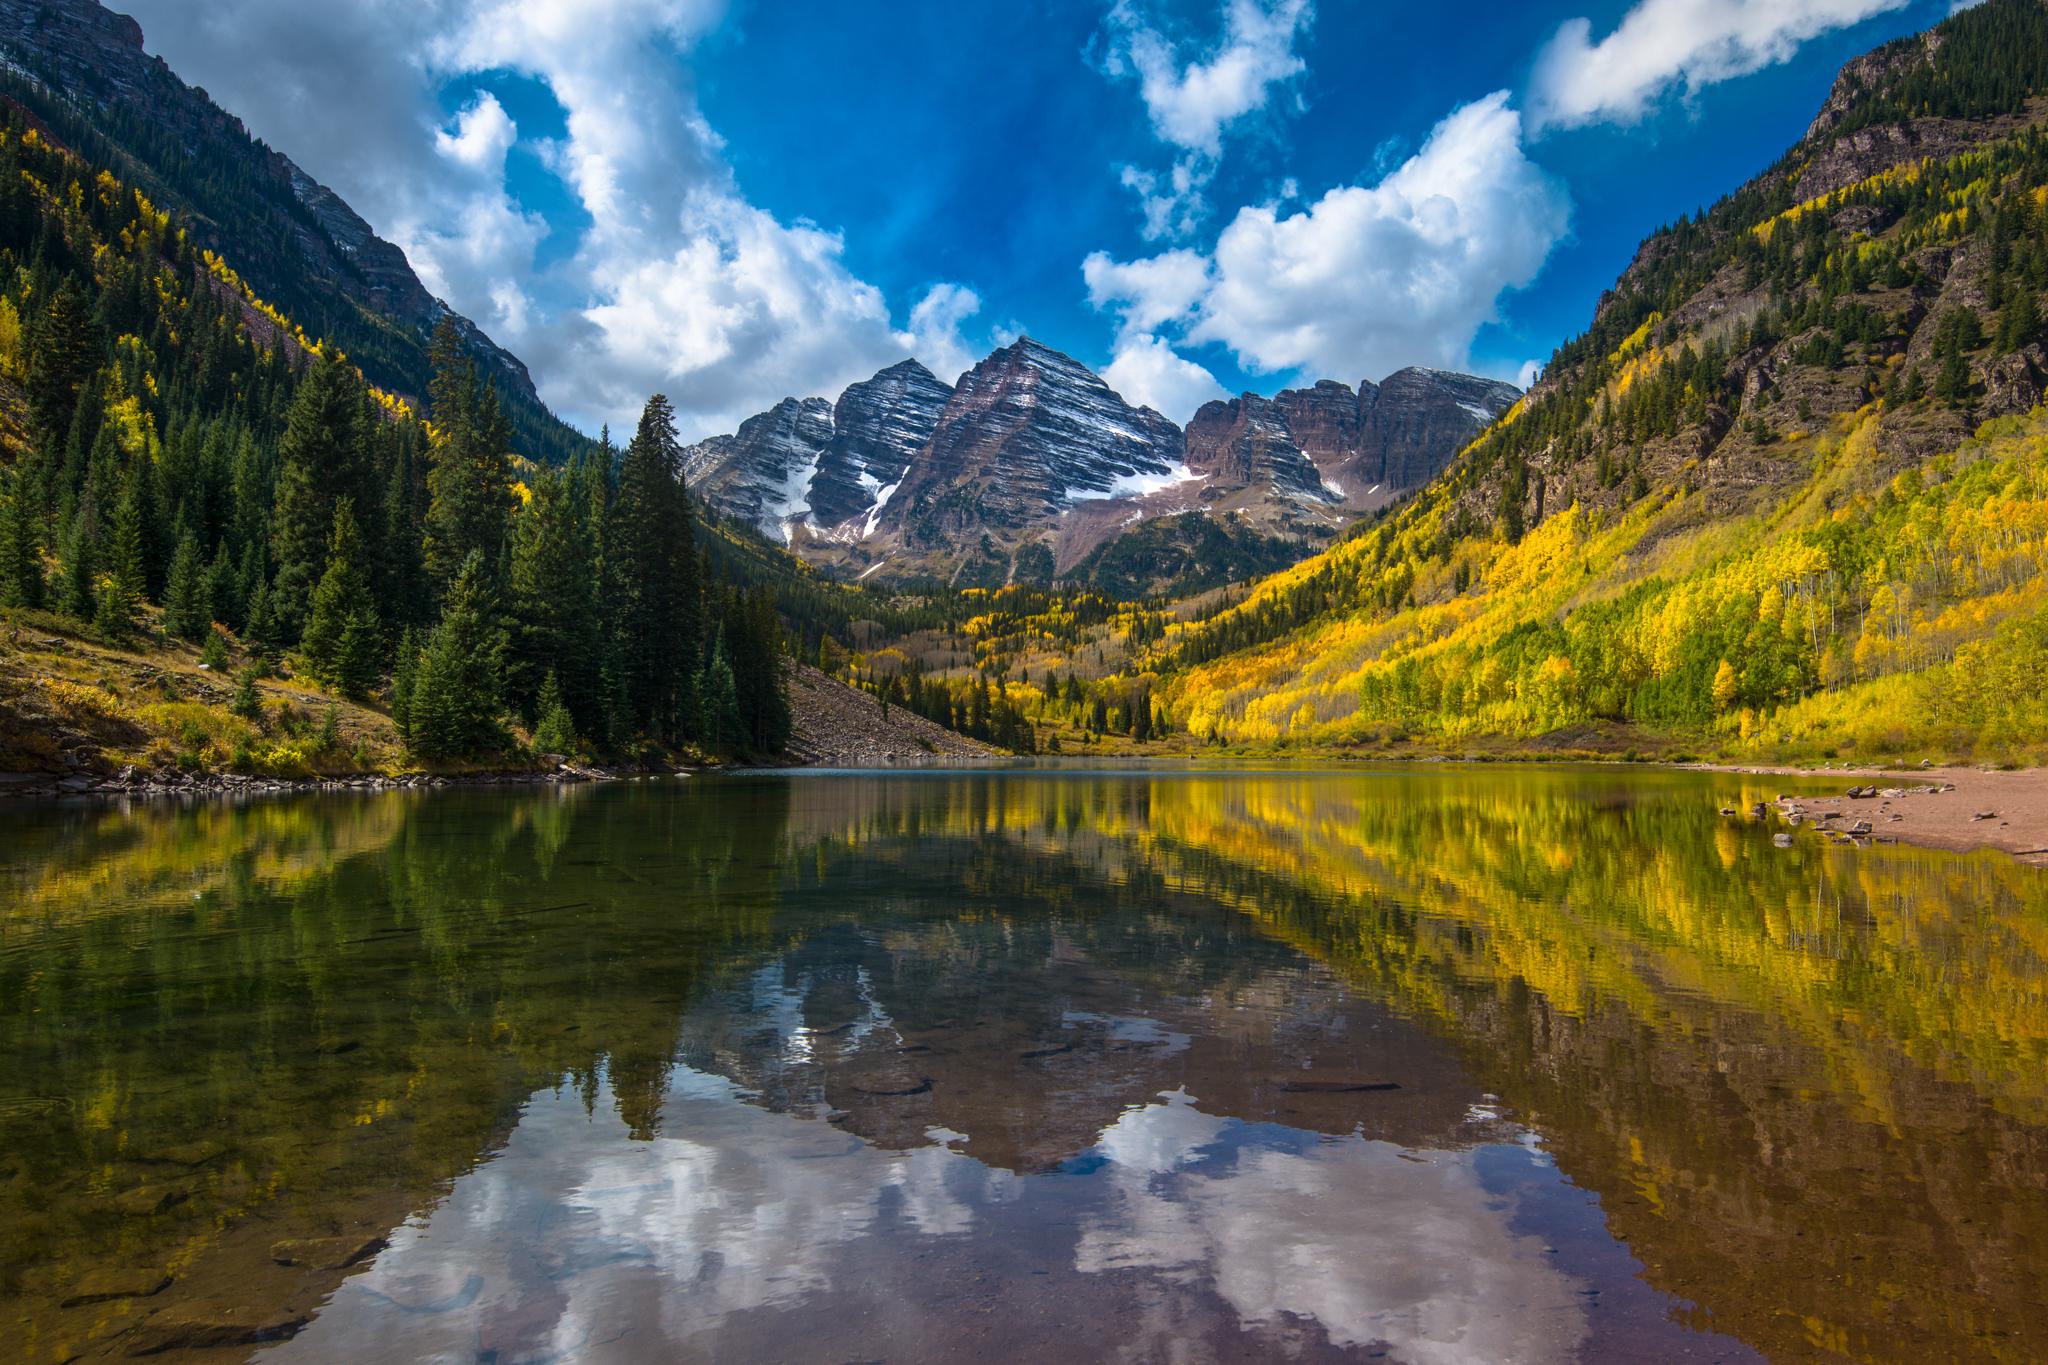 Colorado_092717._CVB8515-Edit.jpg